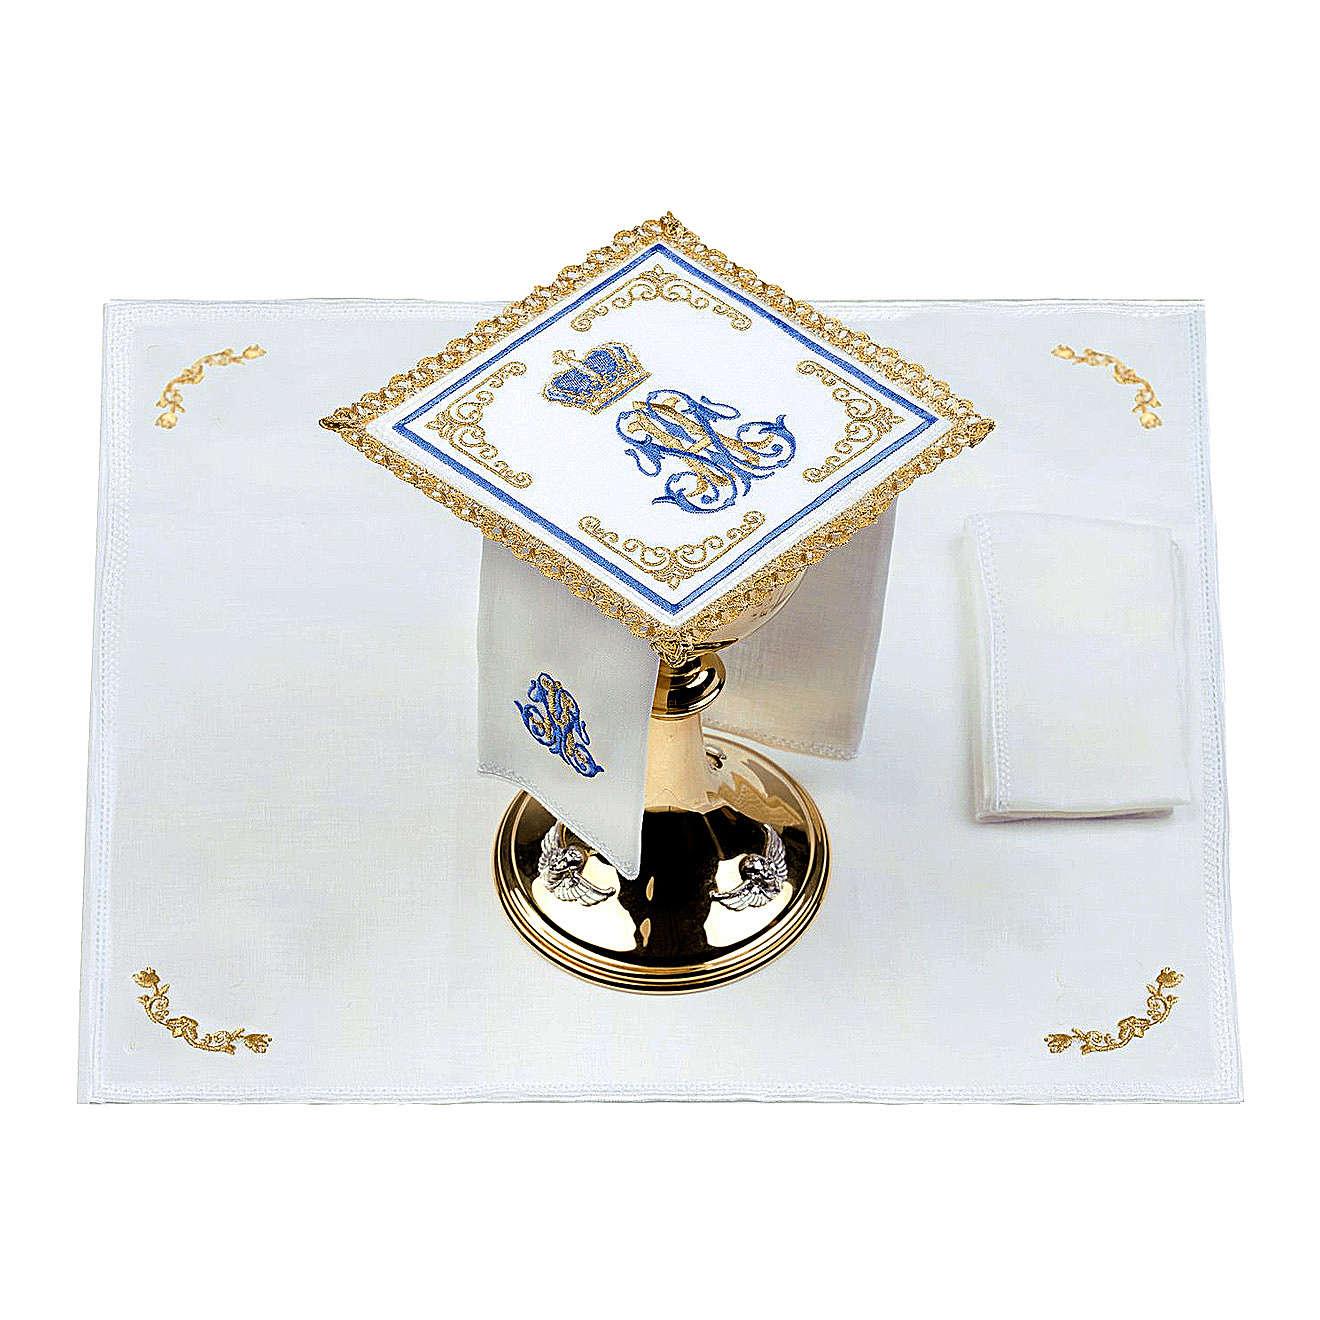 Linge d'autel 100% lin marial Couronne 4